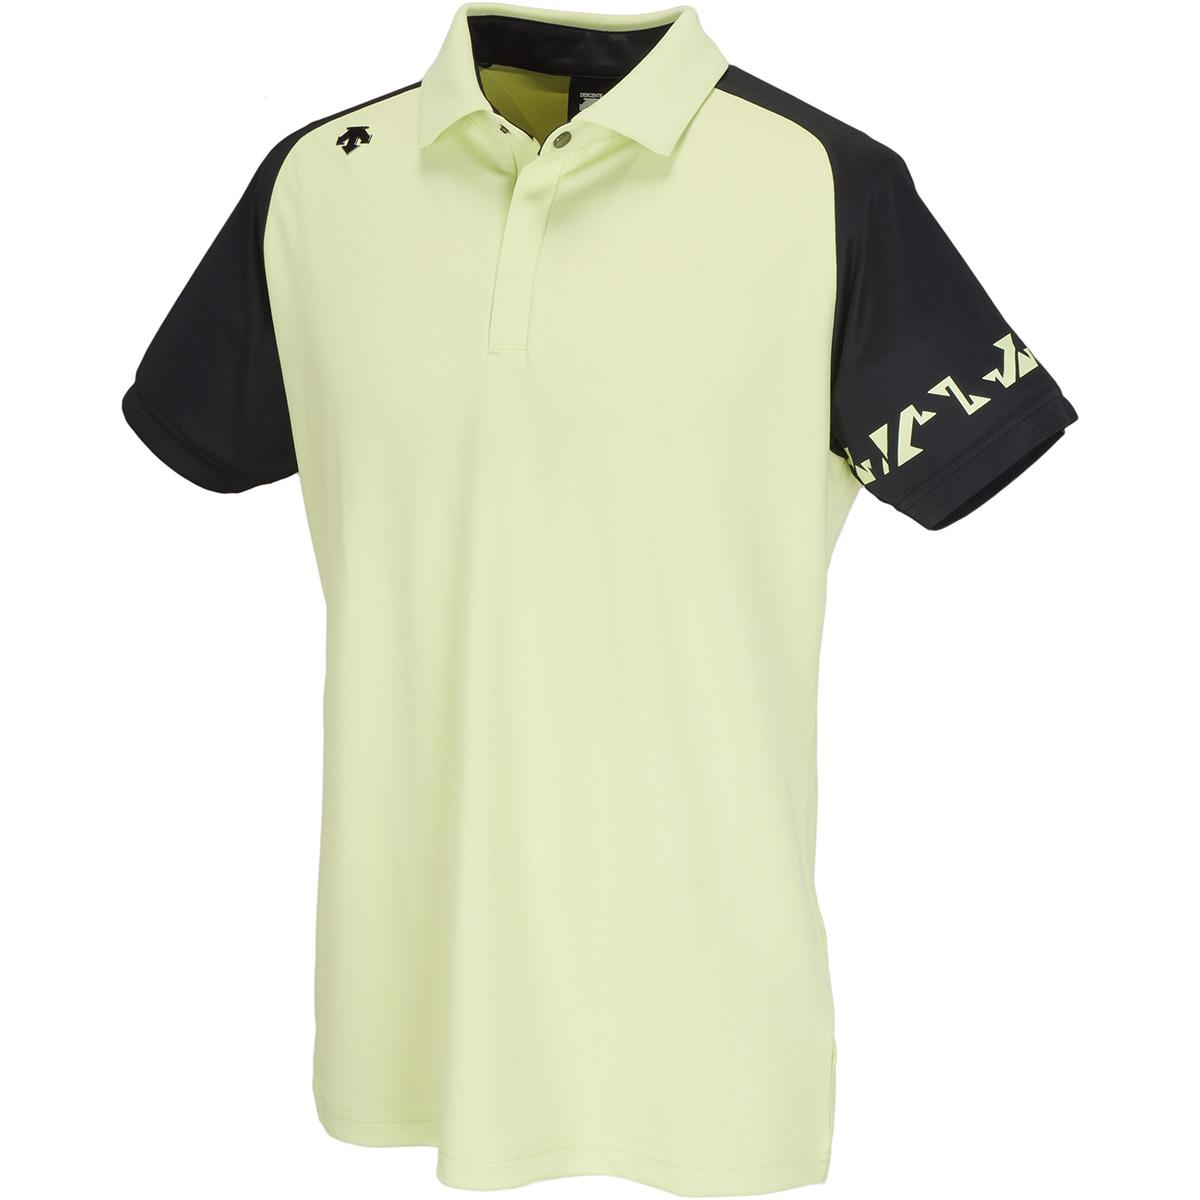 トリアセテートリバース鹿の子 半袖ポロシャツ